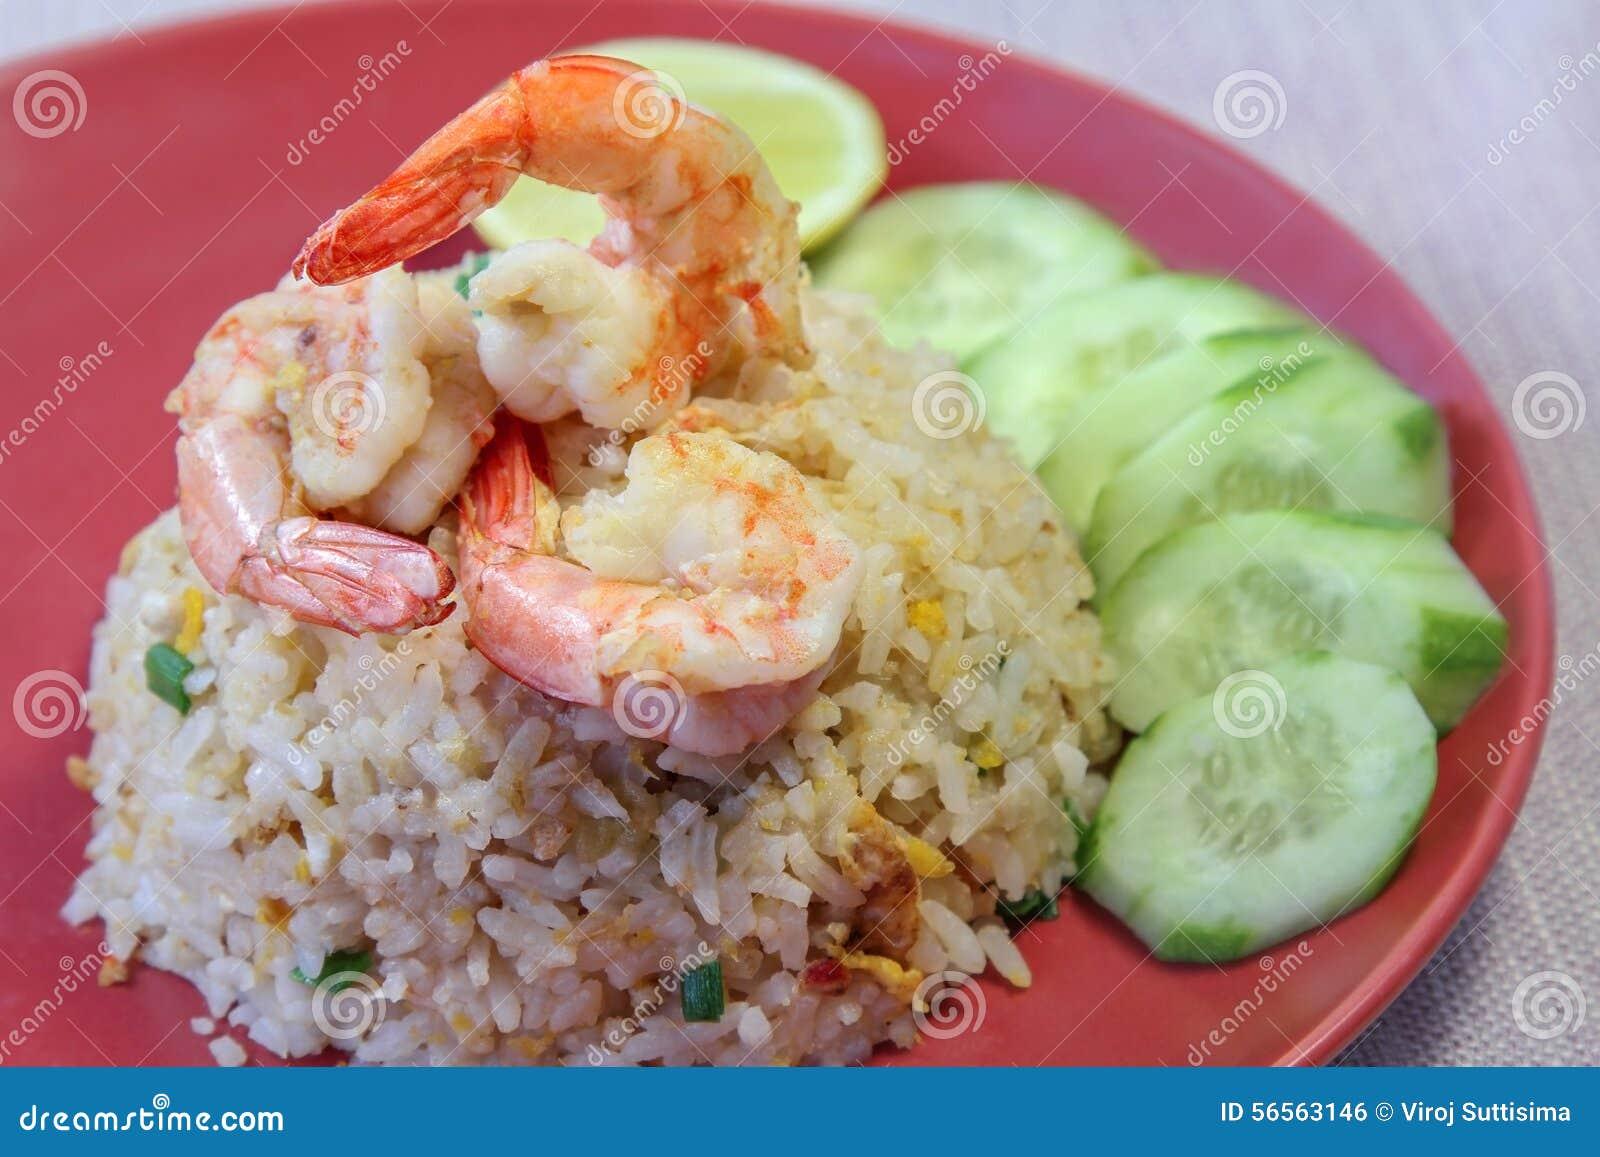 Download Τηγανισμένο γαρίδες ρύζι, βασική, ασιατική κουζίνα τροφίμων Στοκ Εικόνες - εικόνα από αυγά, γεύμα: 56563146